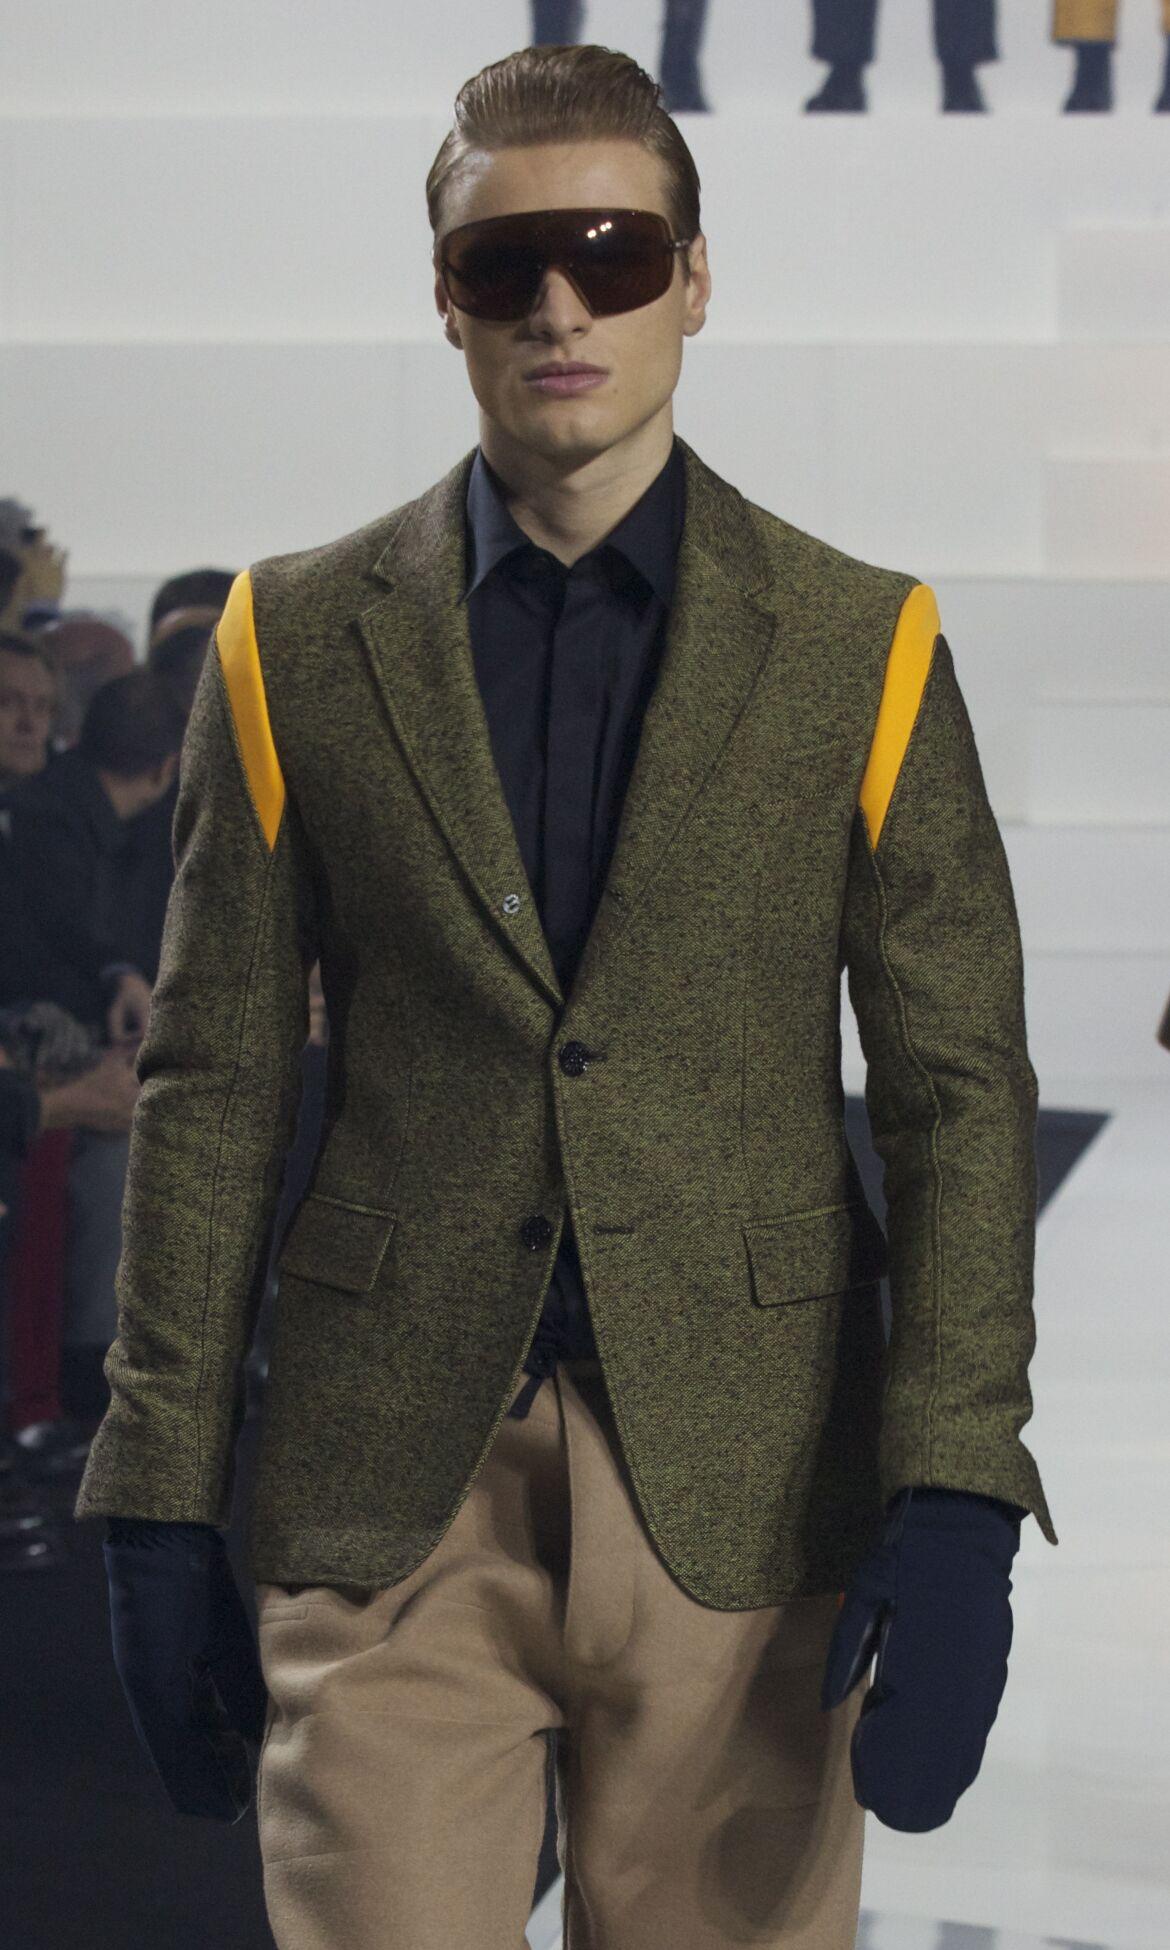 Dirk Bikkembergs Fall Winter 2013 14 Men Collection Milan Fashion Week Fashion Show